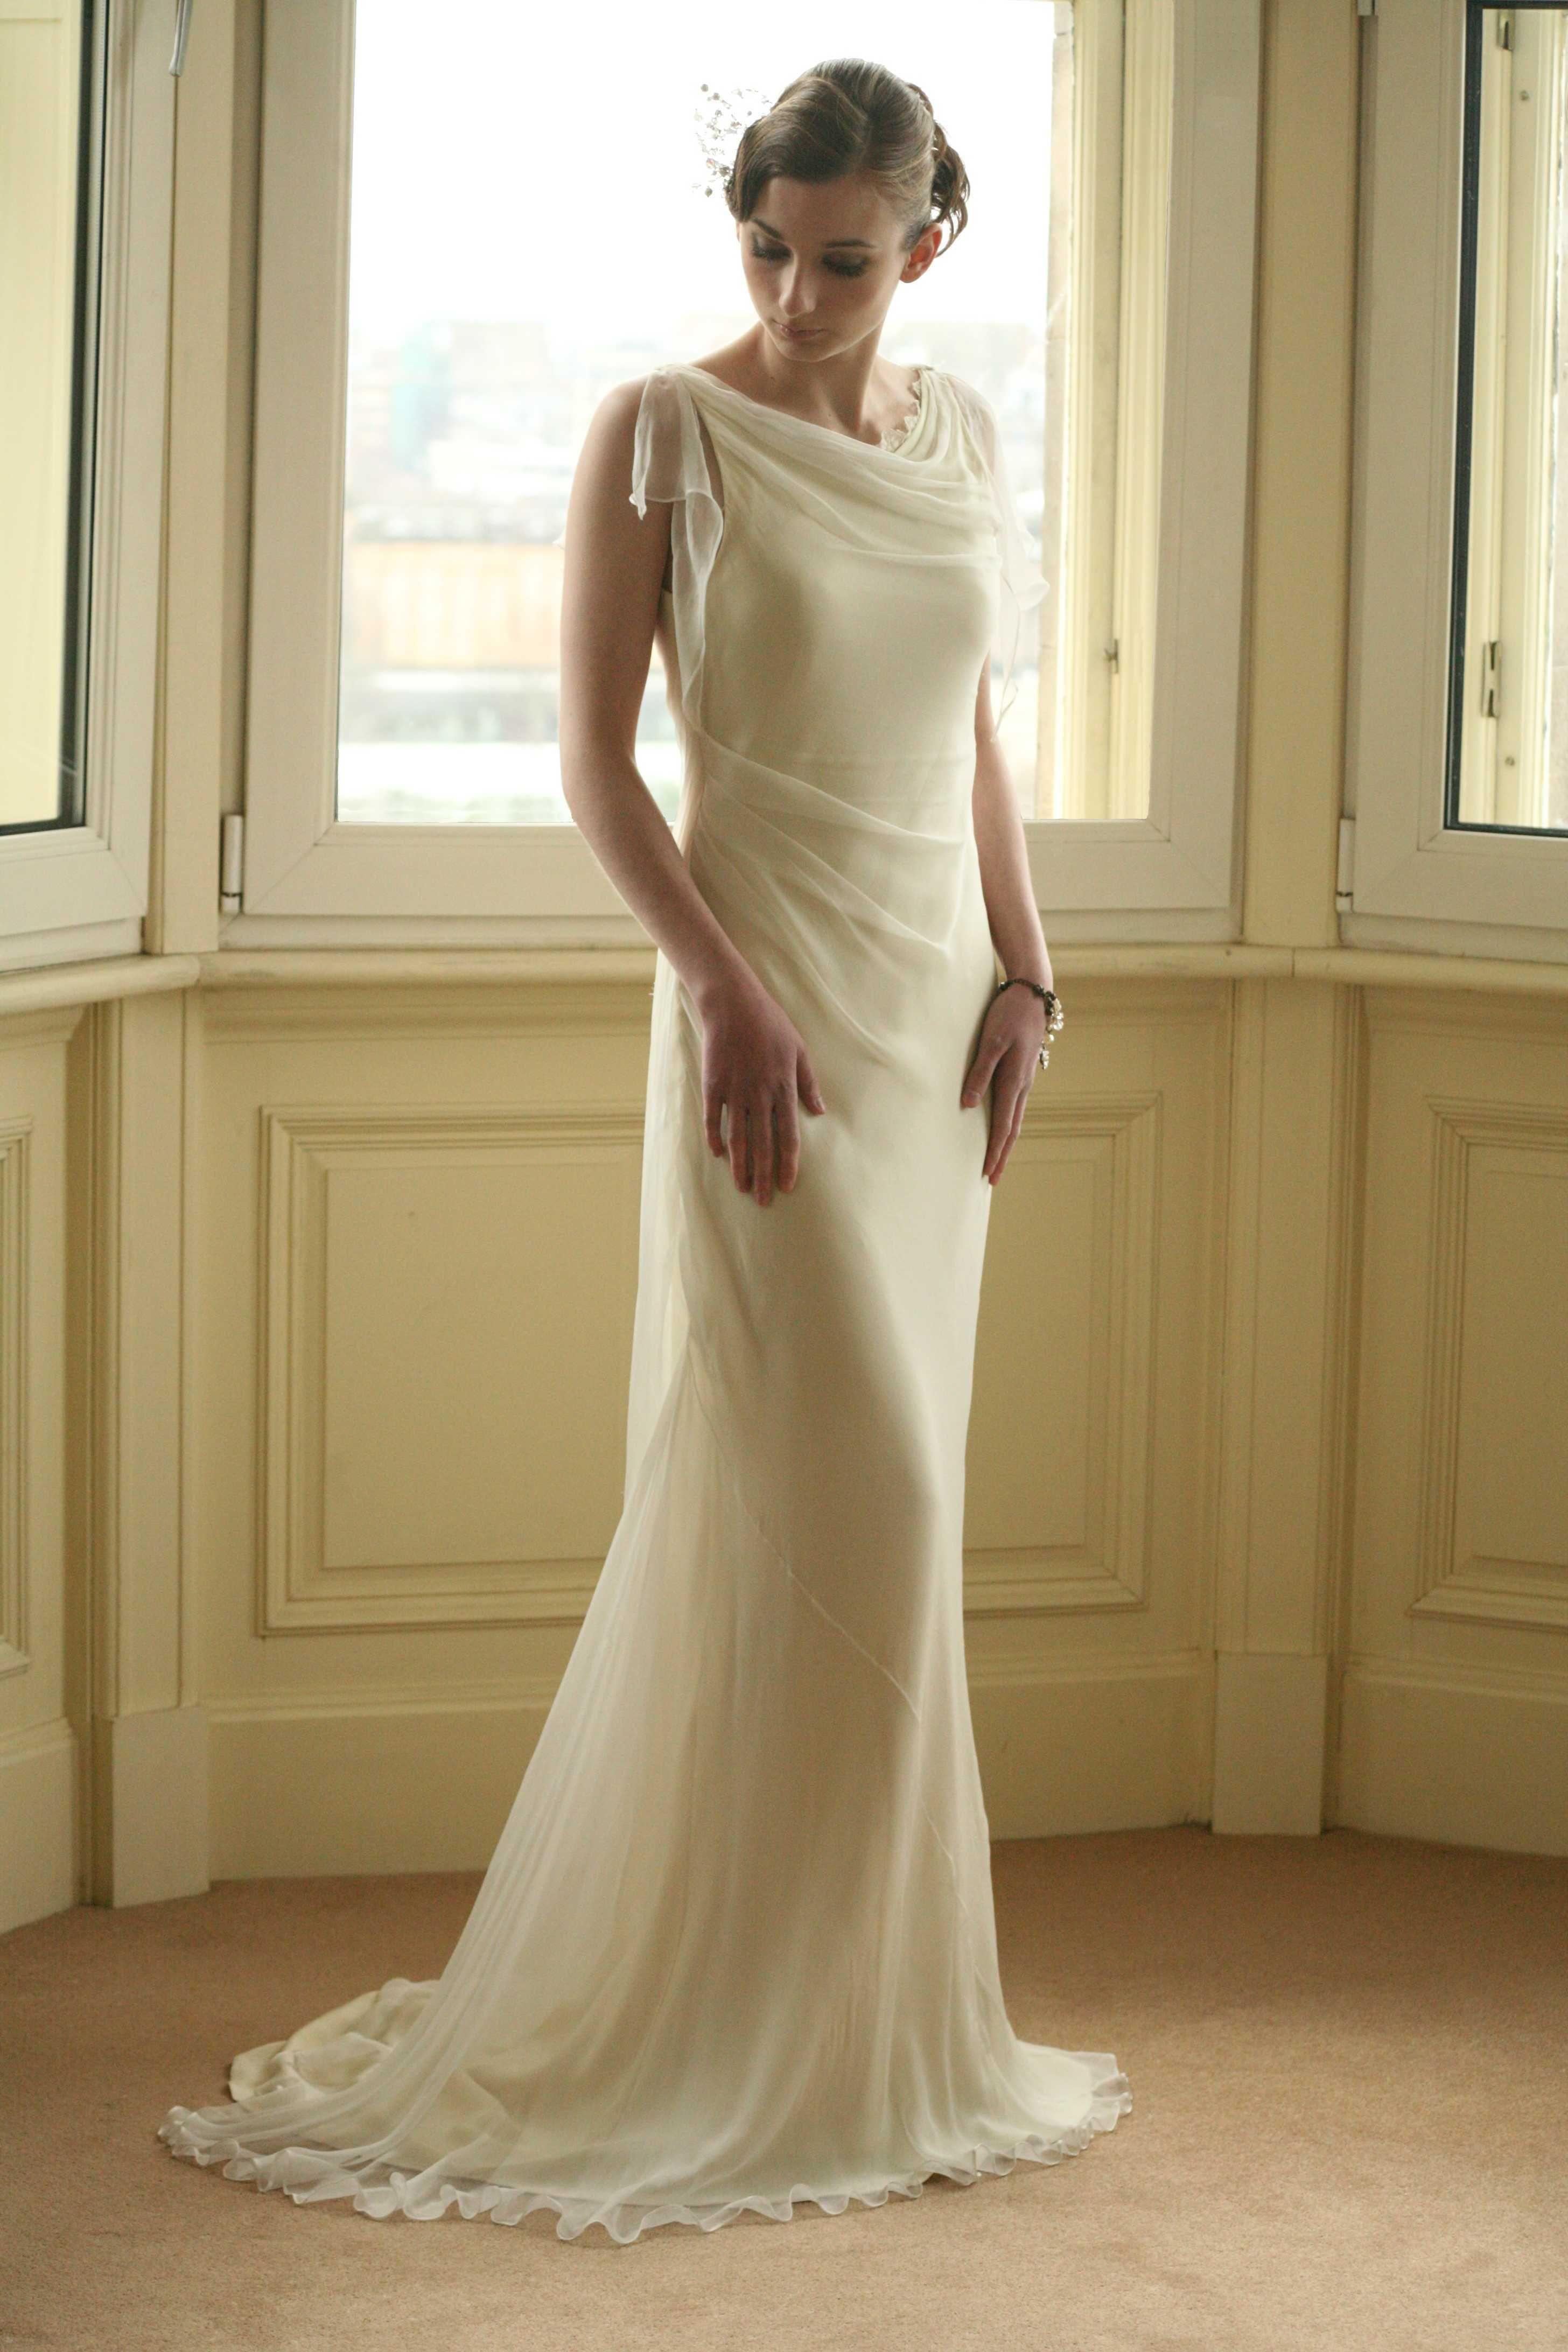 Silk wedding dress simple and pretty wedding dress ideas